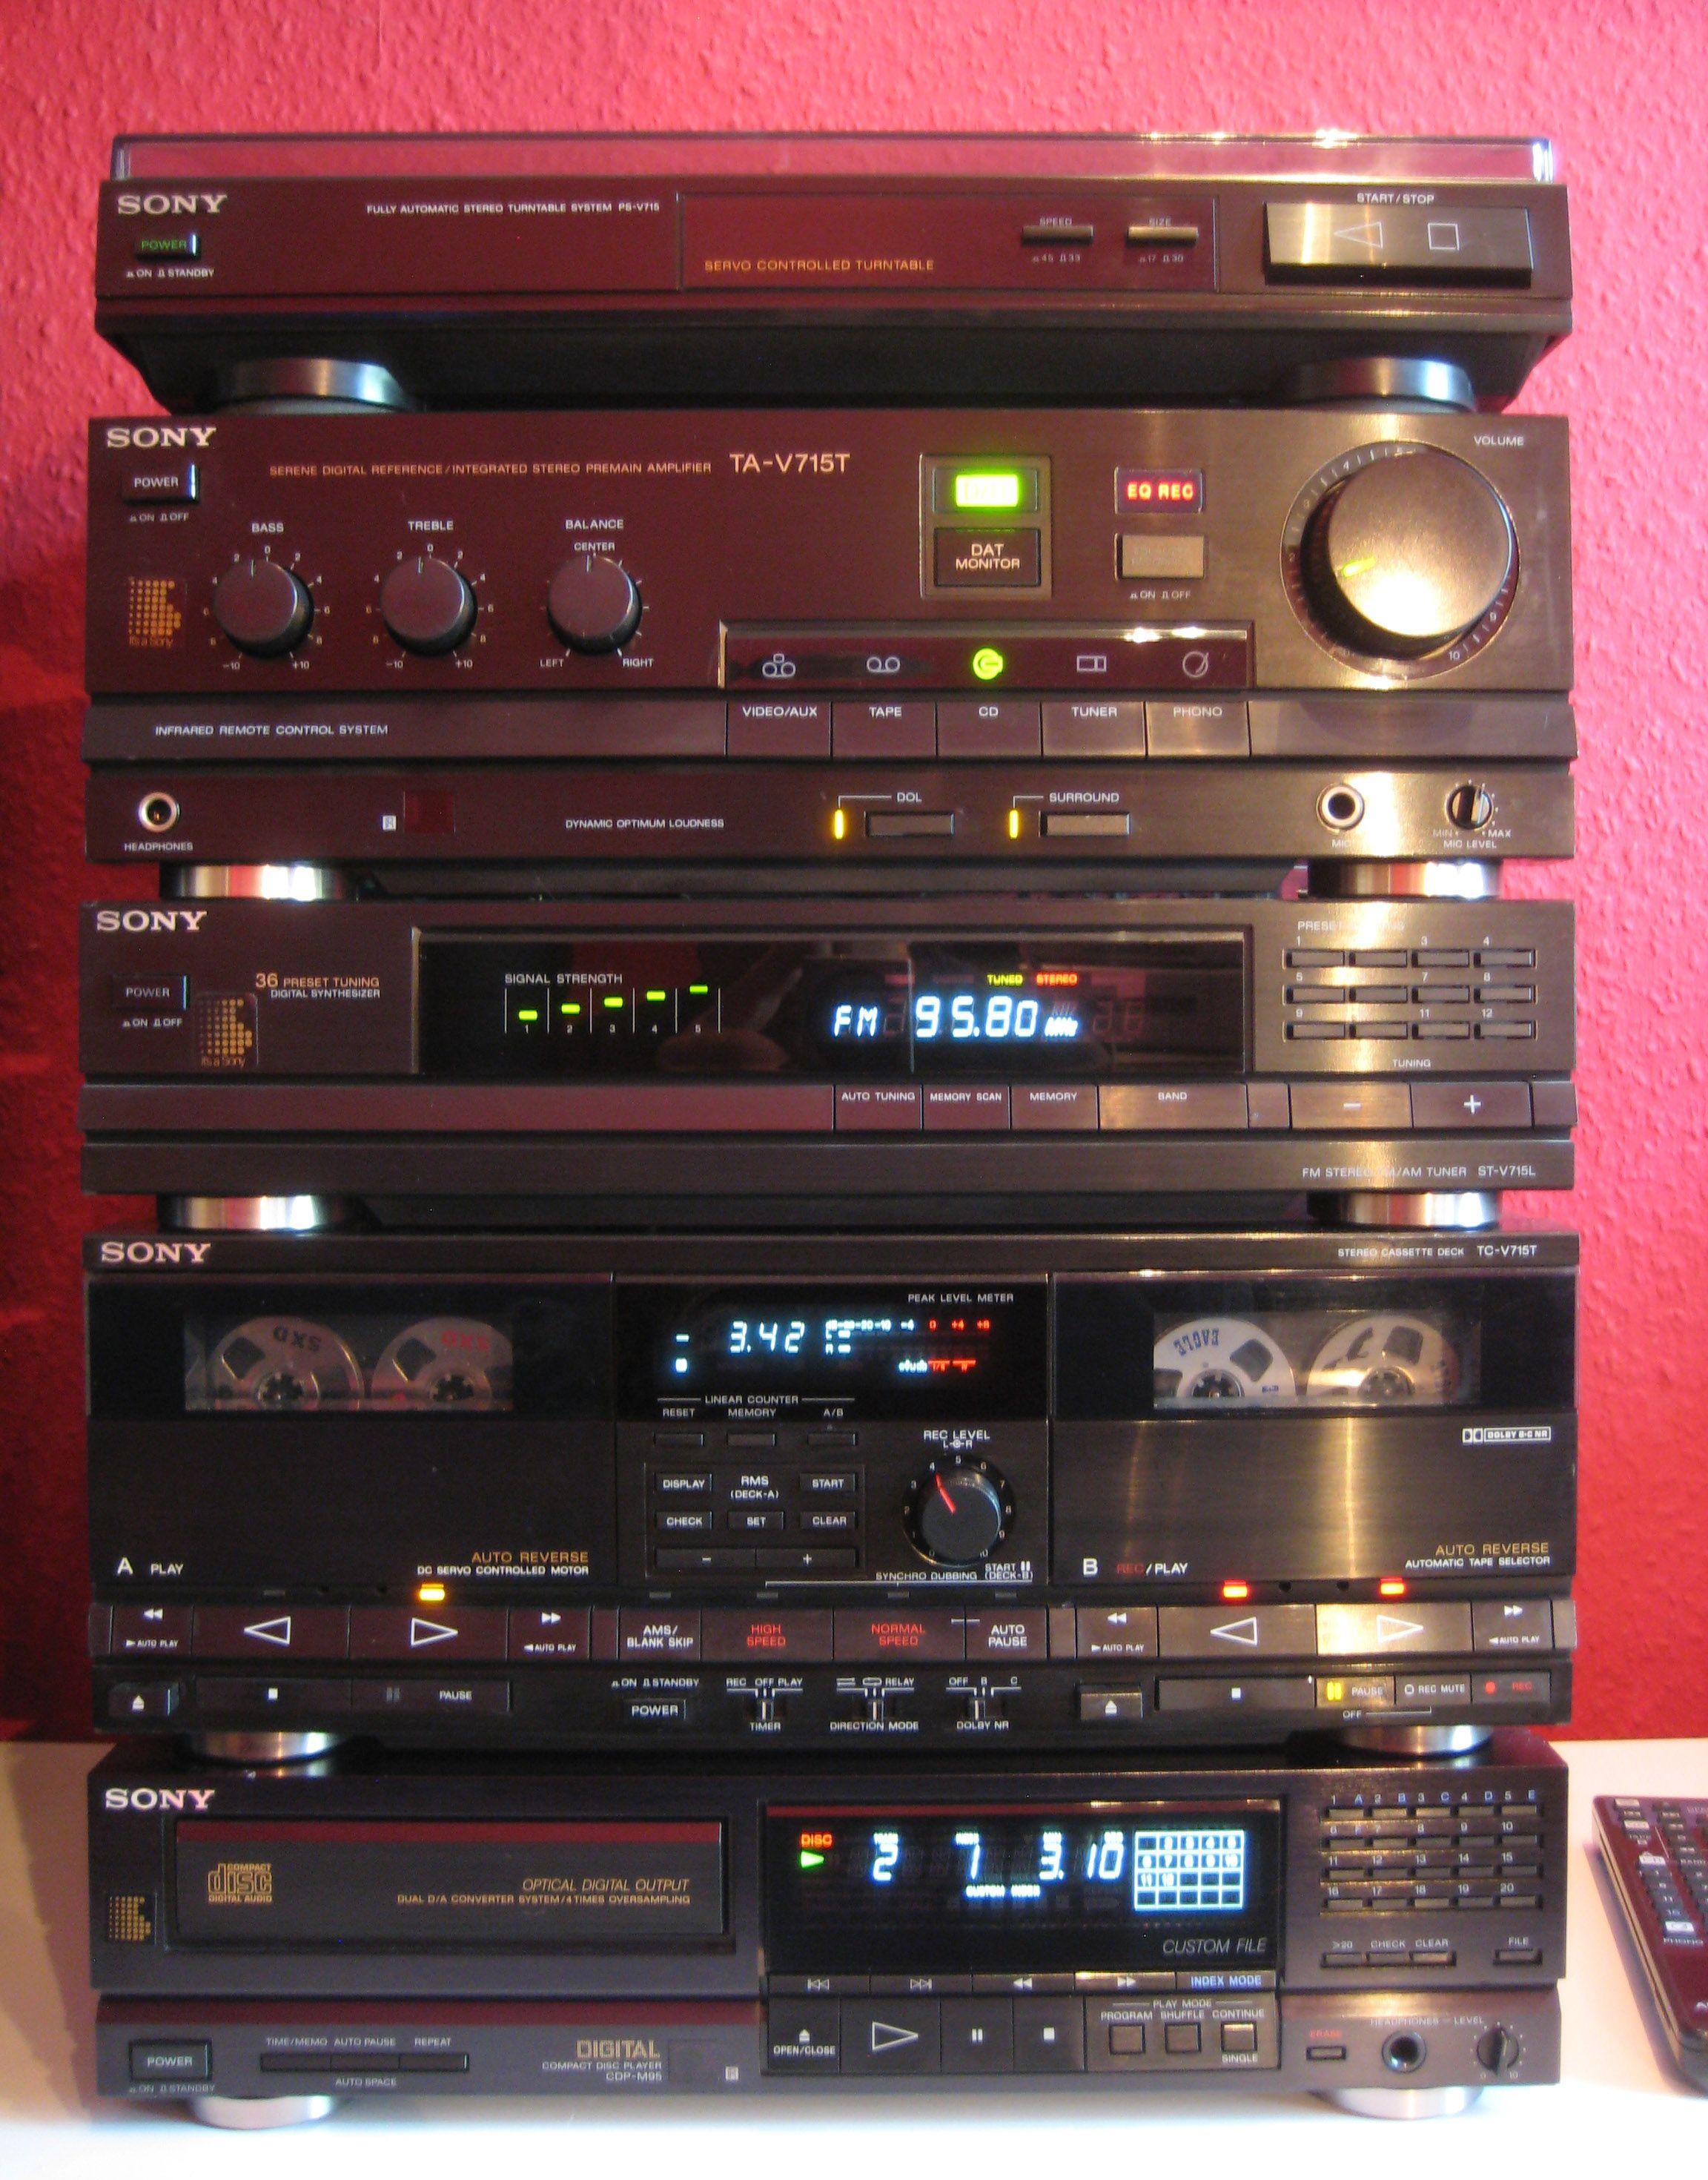 SONY Precise V-715 Home Stereo System | Vintage Stereo ...